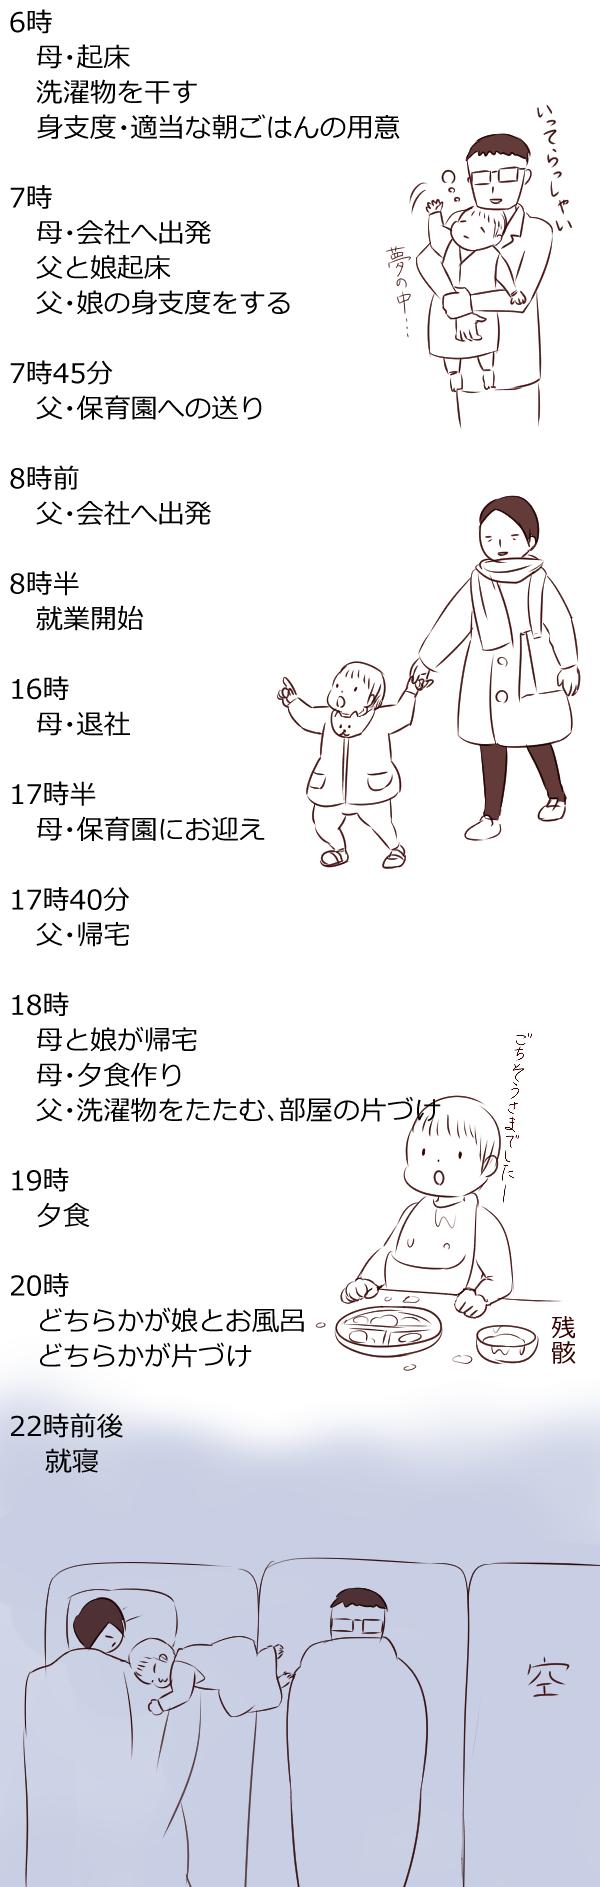 育児休業復帰後のタイムスケジュール(時短勤務)